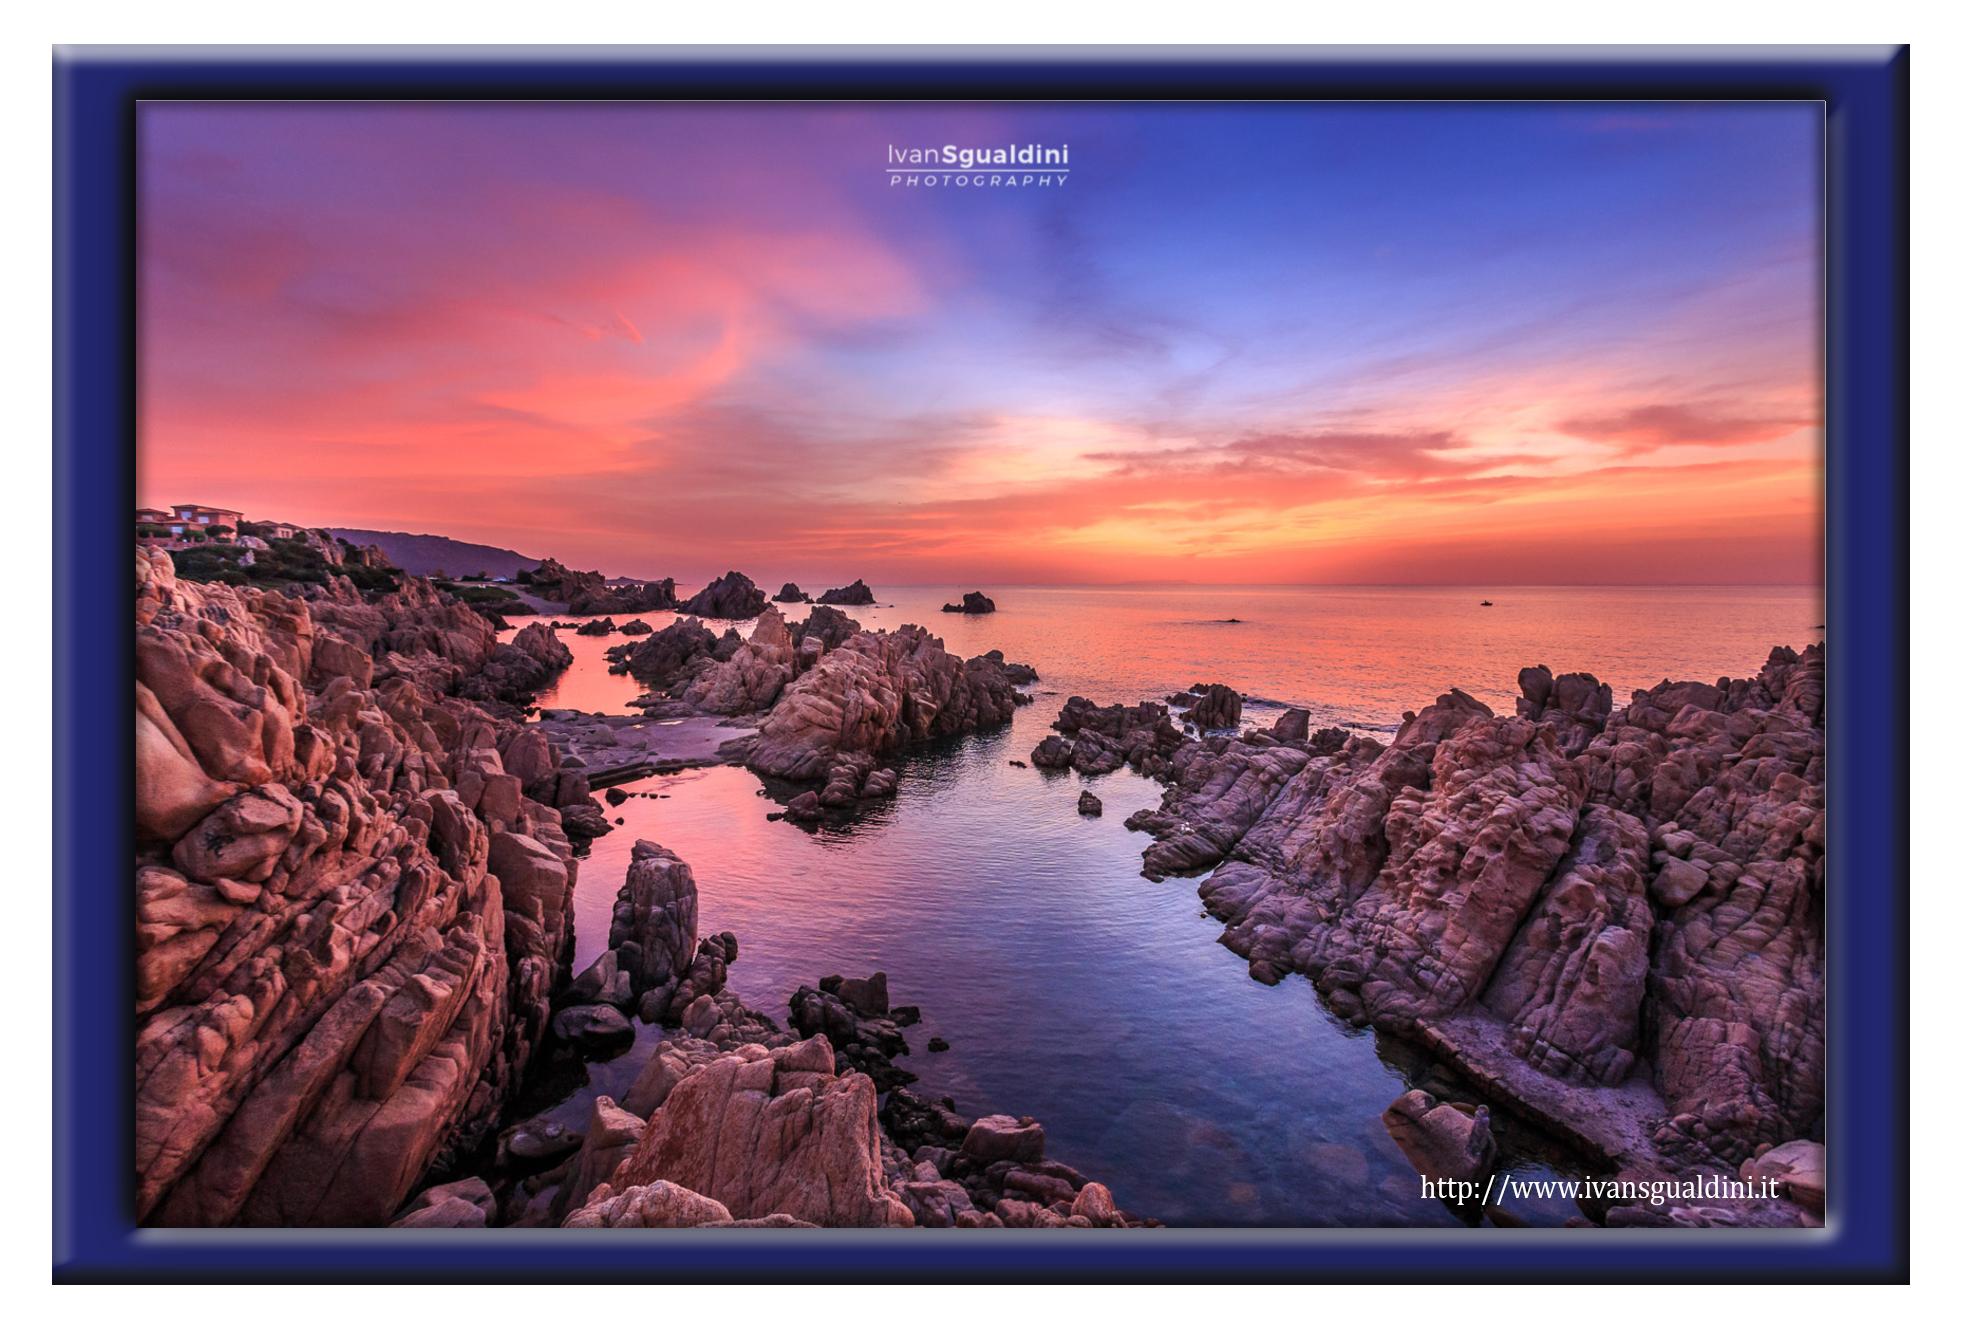 Ivan Sgualdini - Li baietti al tramonto con cornice blu